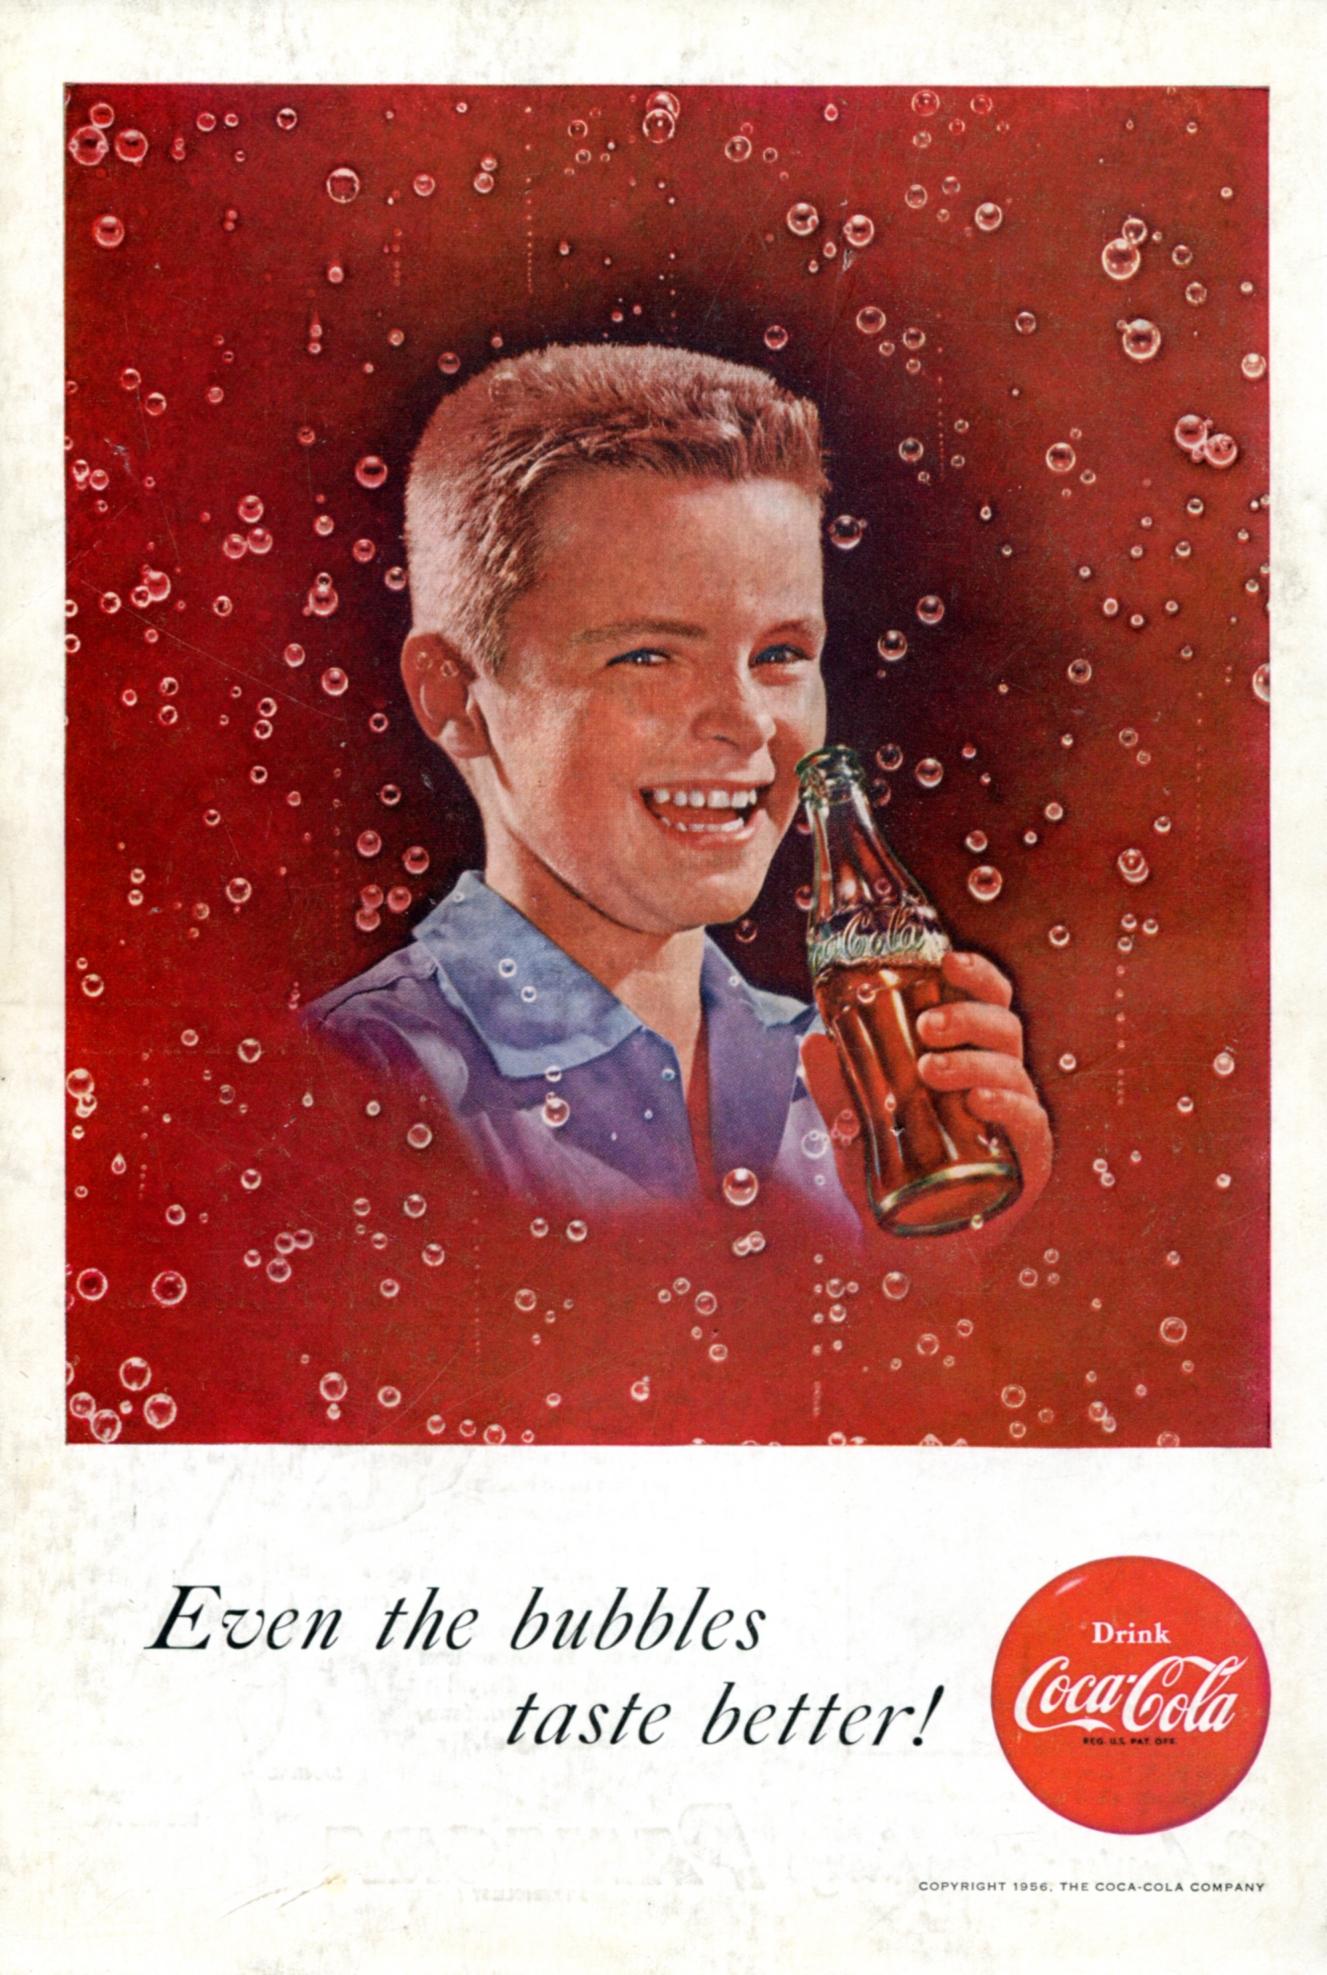 Coca-Cola - published in Reader's Digest - April 1956